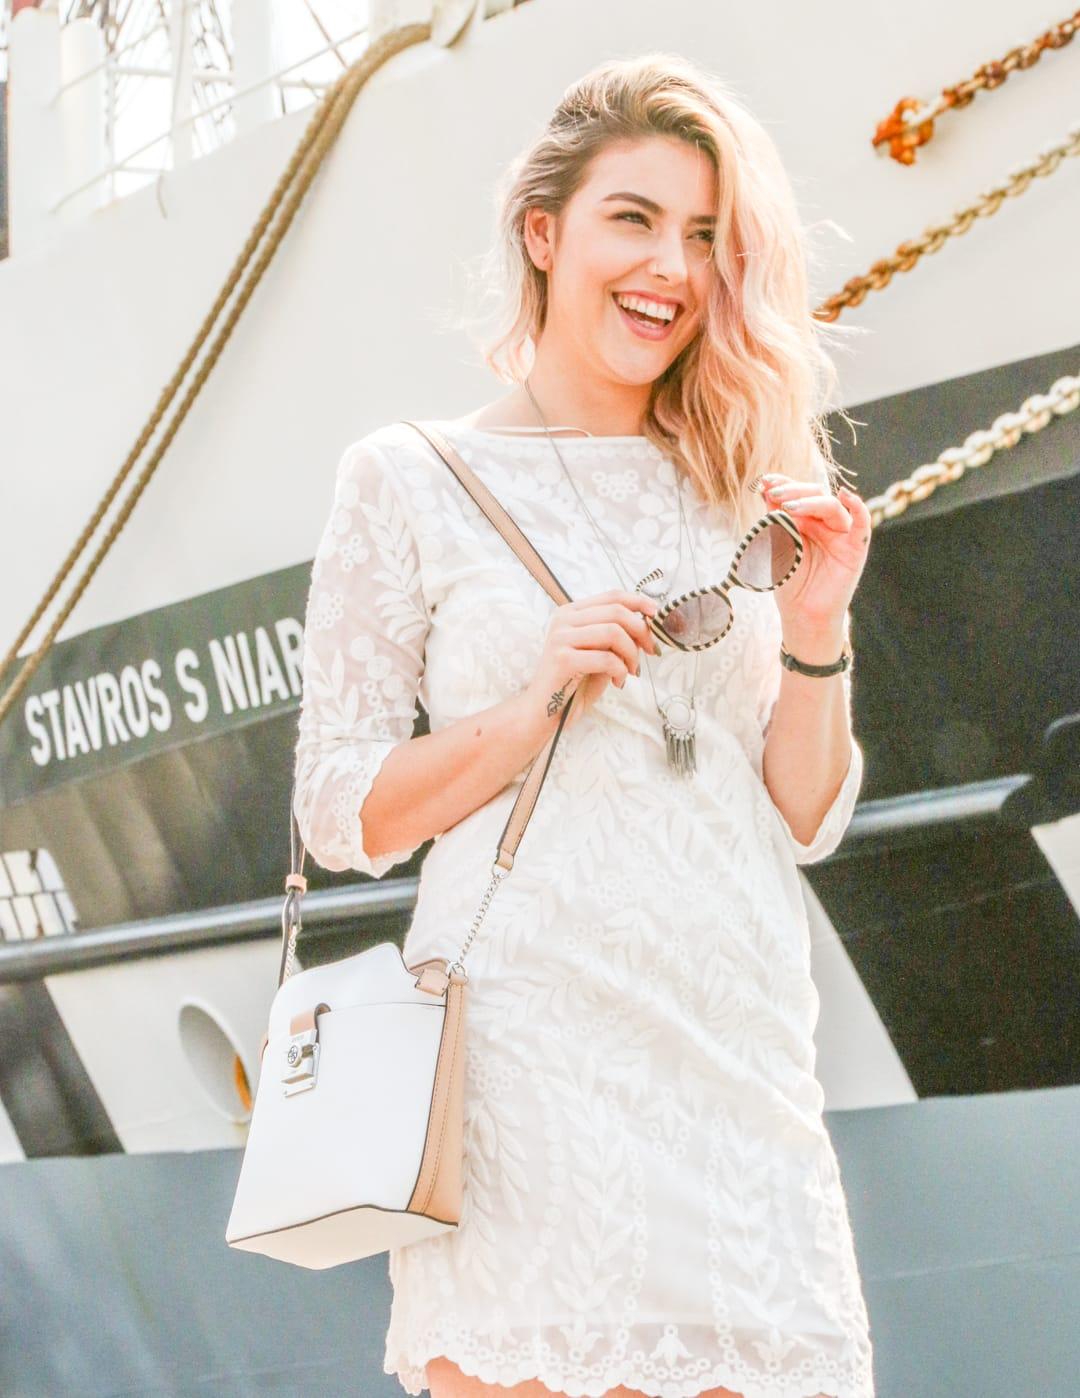 Gunwharf Quays Fashion Photoshoot 4.jpg